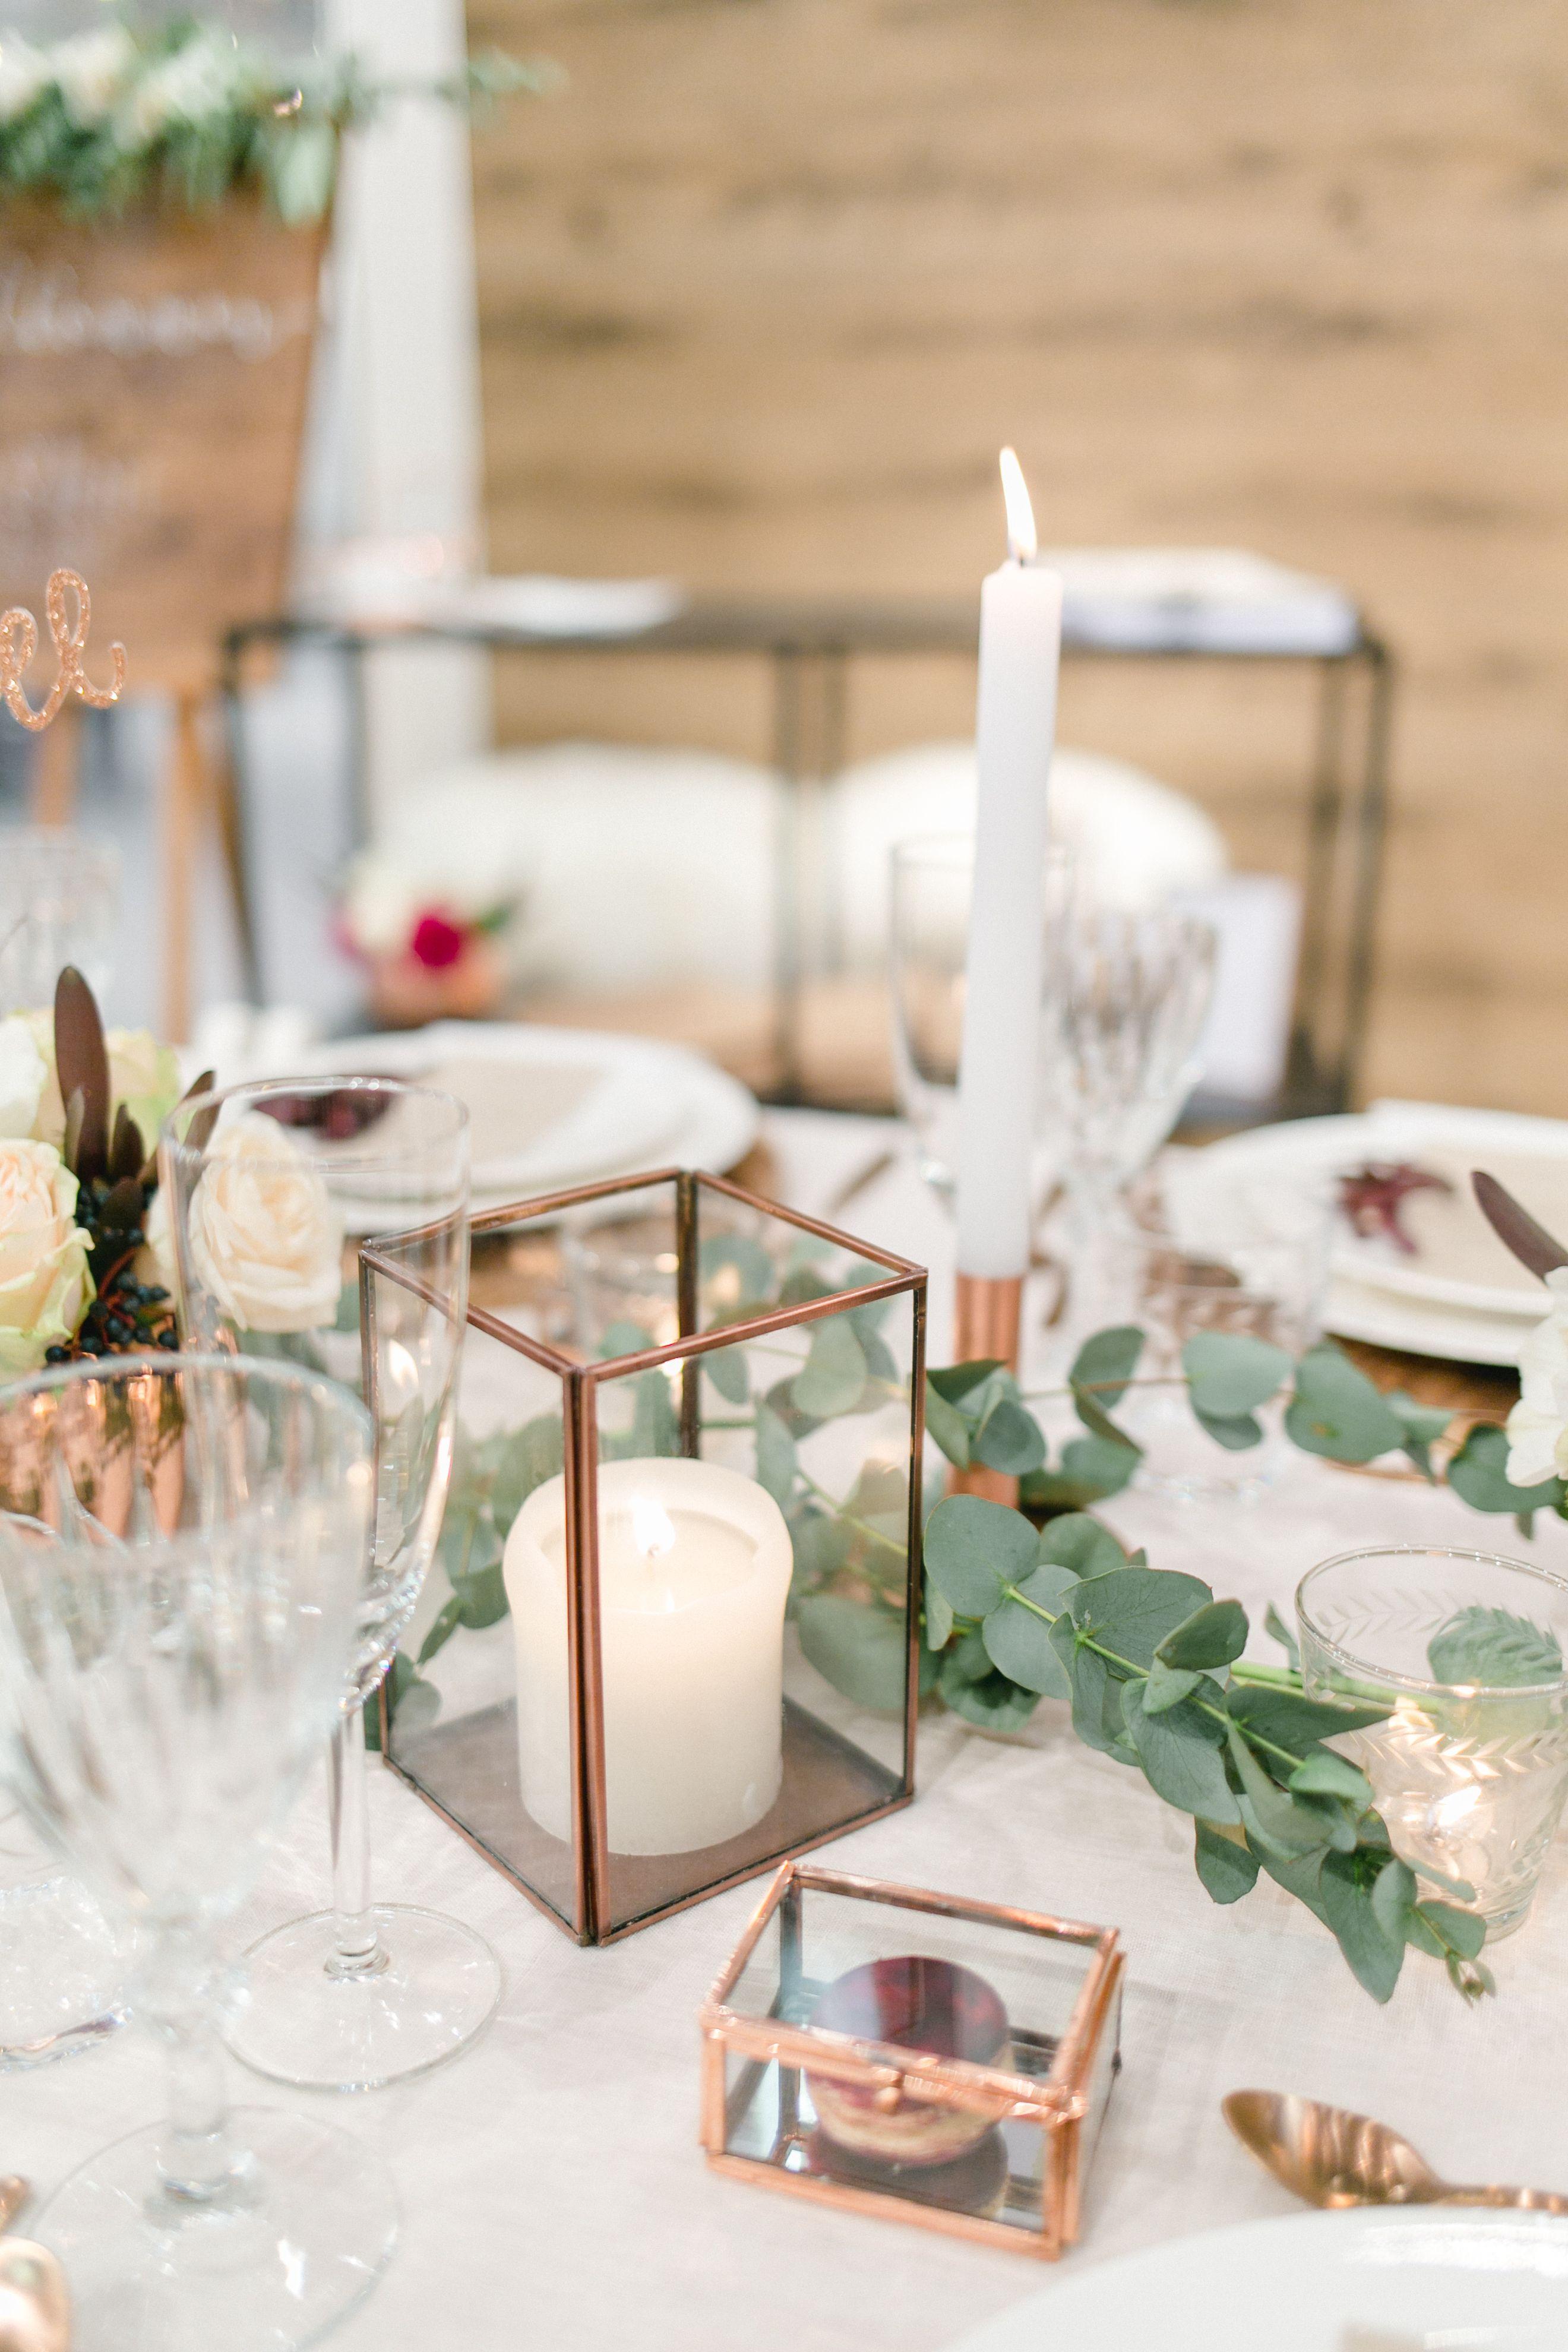 Dekoration  Tischdeko  Kupfer  rustikal  Hochzeit  Blumen  Kerzen  Eukalyptus  Macaron